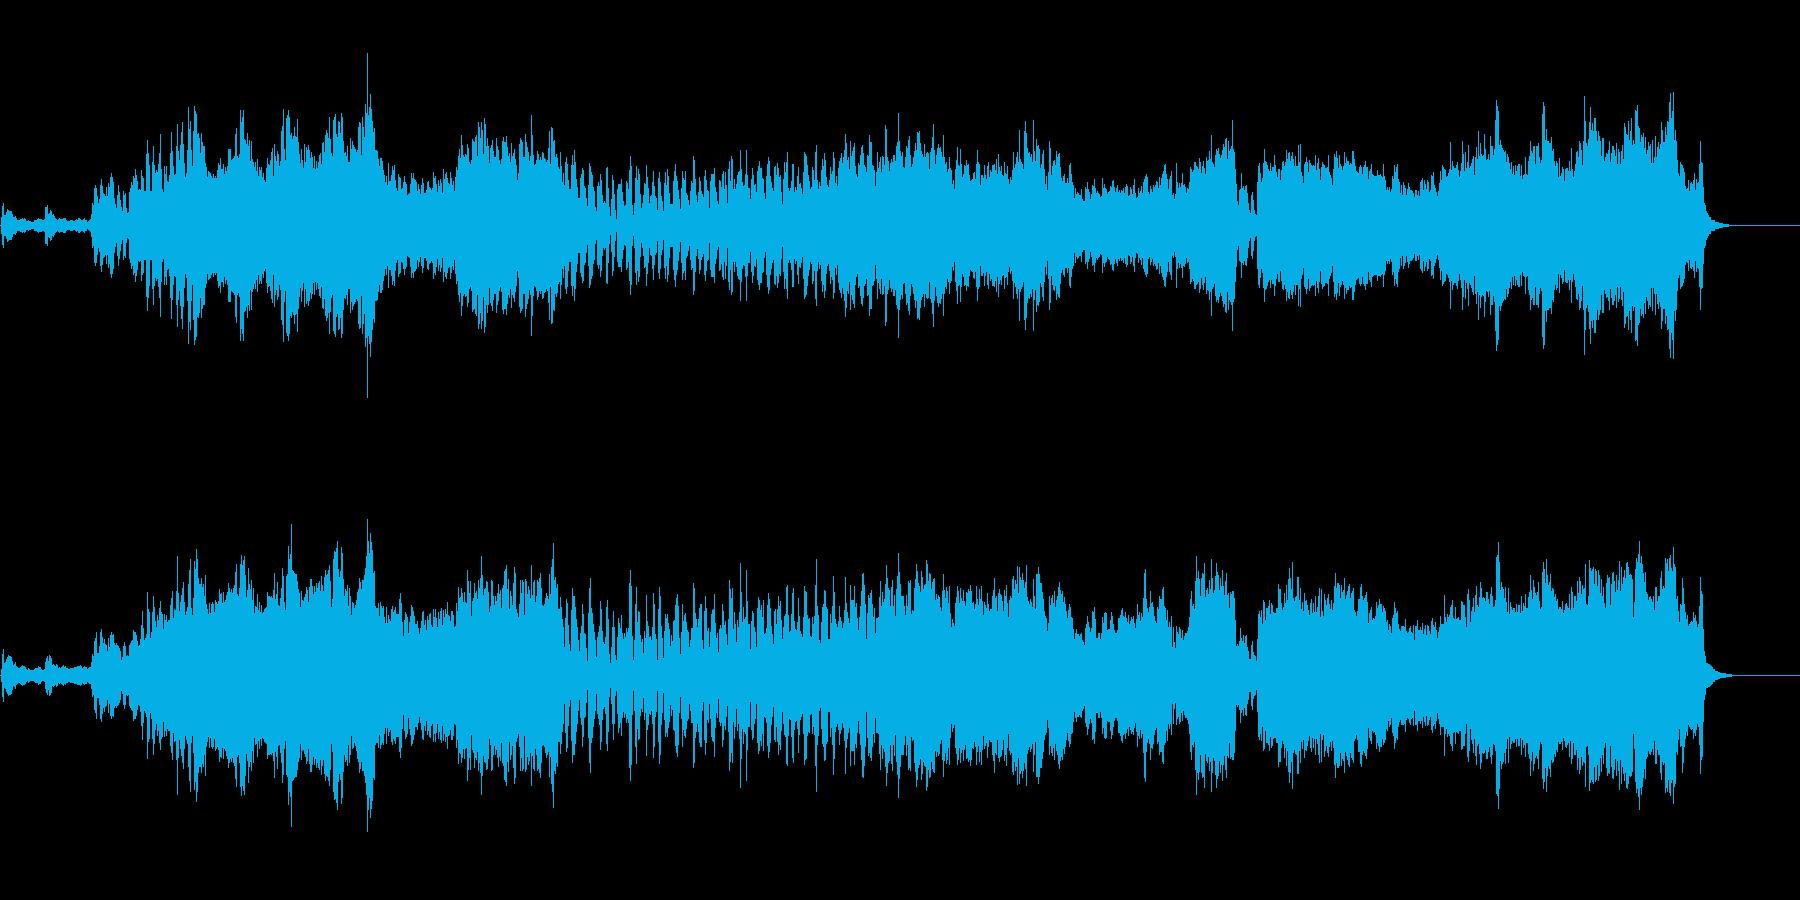 仰々しさが印象的なオーケストラ・サウンドの再生済みの波形